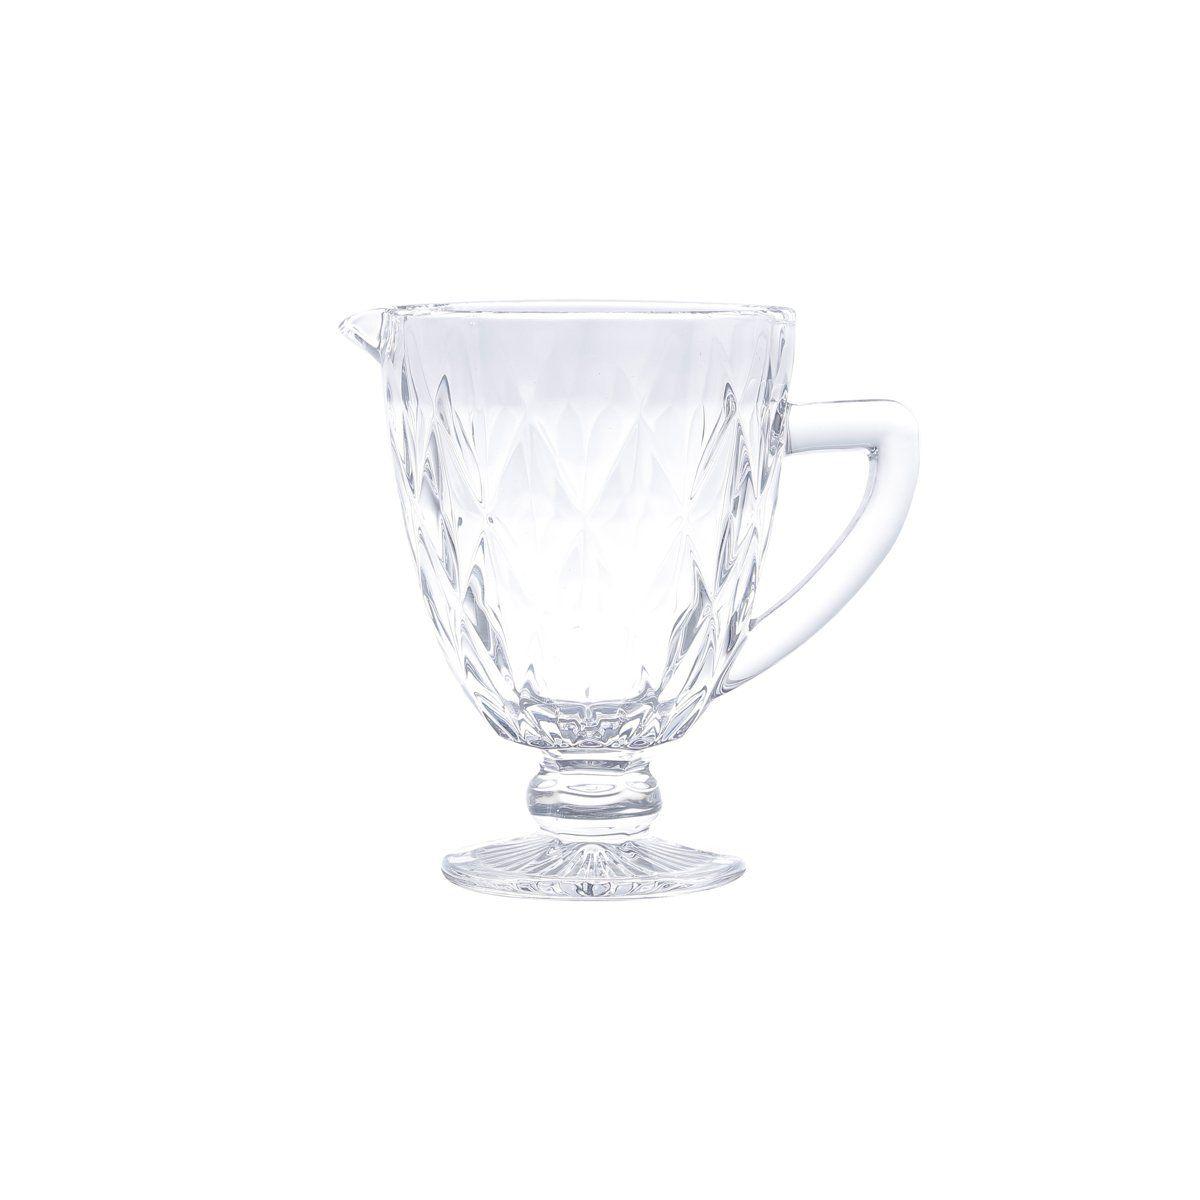 Jarra de 1 litro de vidro transparente Diamond Lyor - L6470